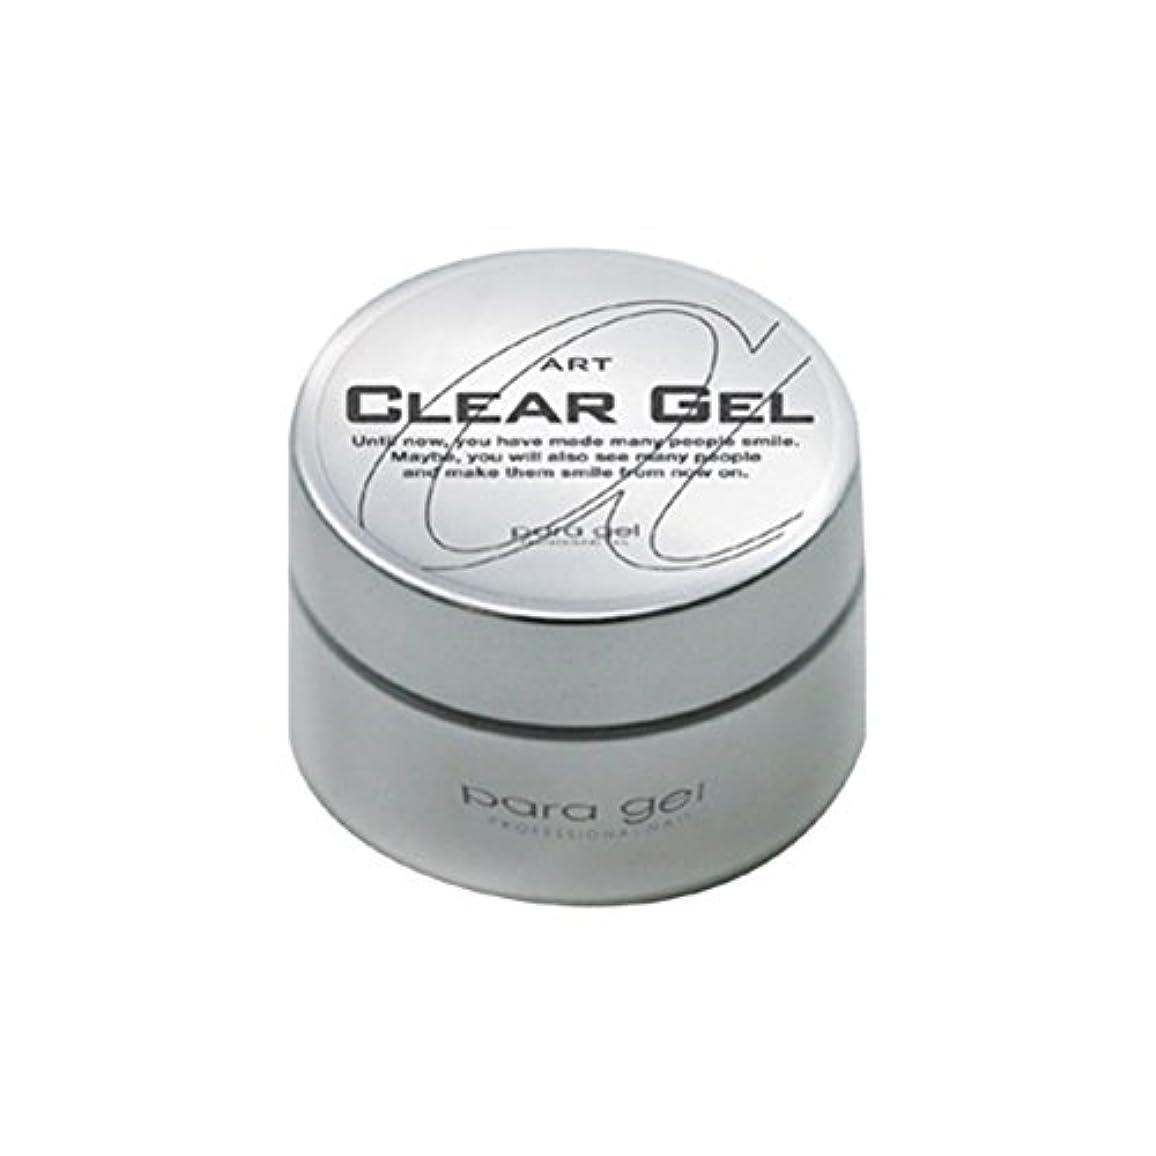 広々退却息を切らしてpara gel アートクリアジェル 10g サンディング不要のベースジェル